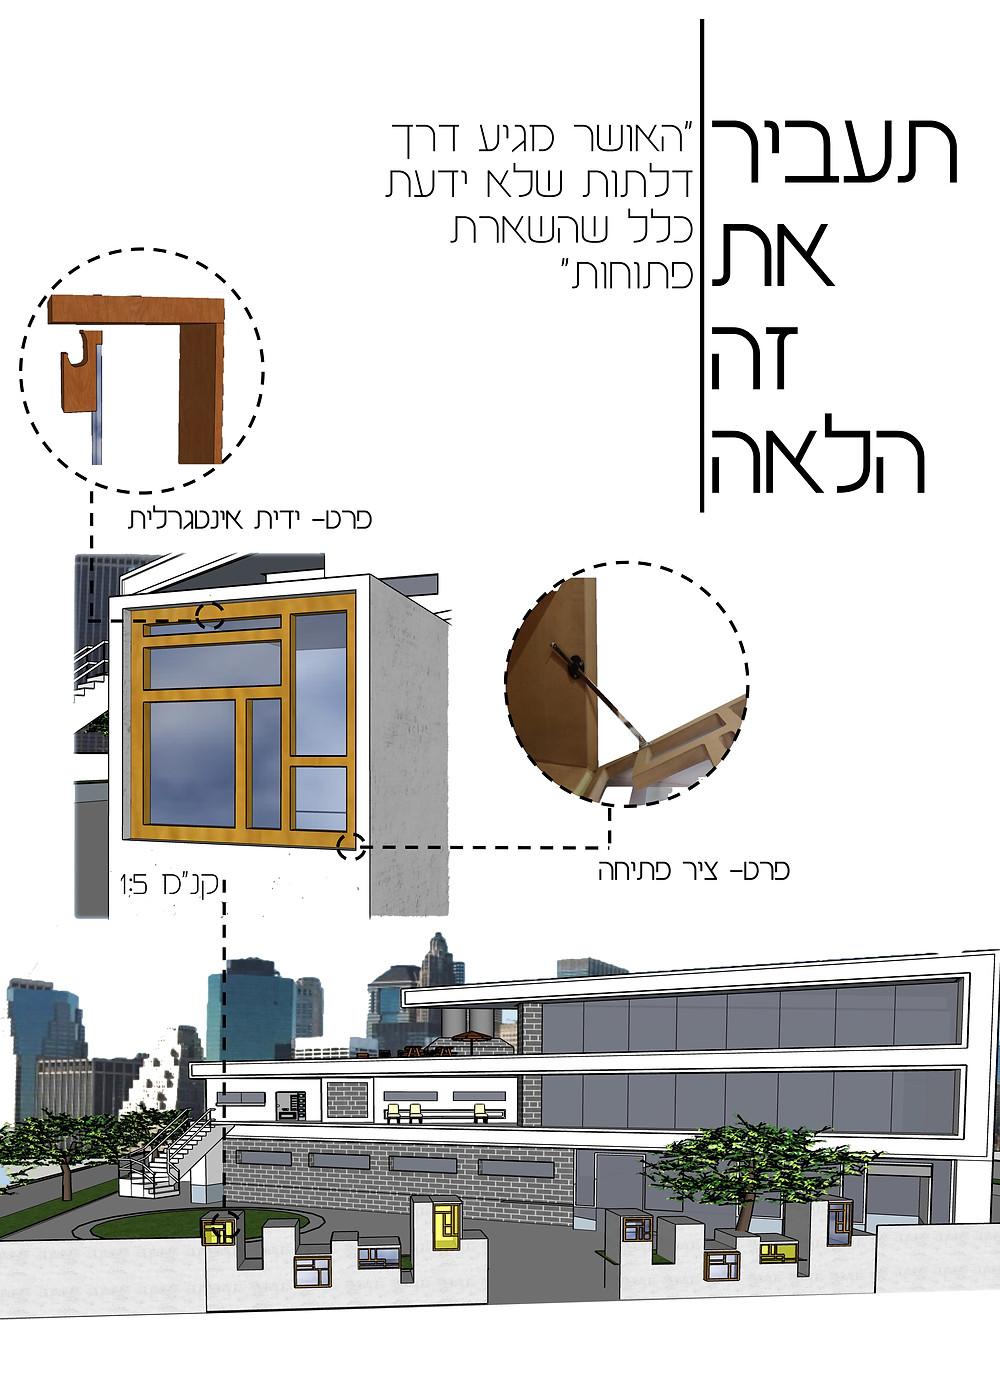 Eliya Alon, Naama Lev Ari, Daniella Cohen